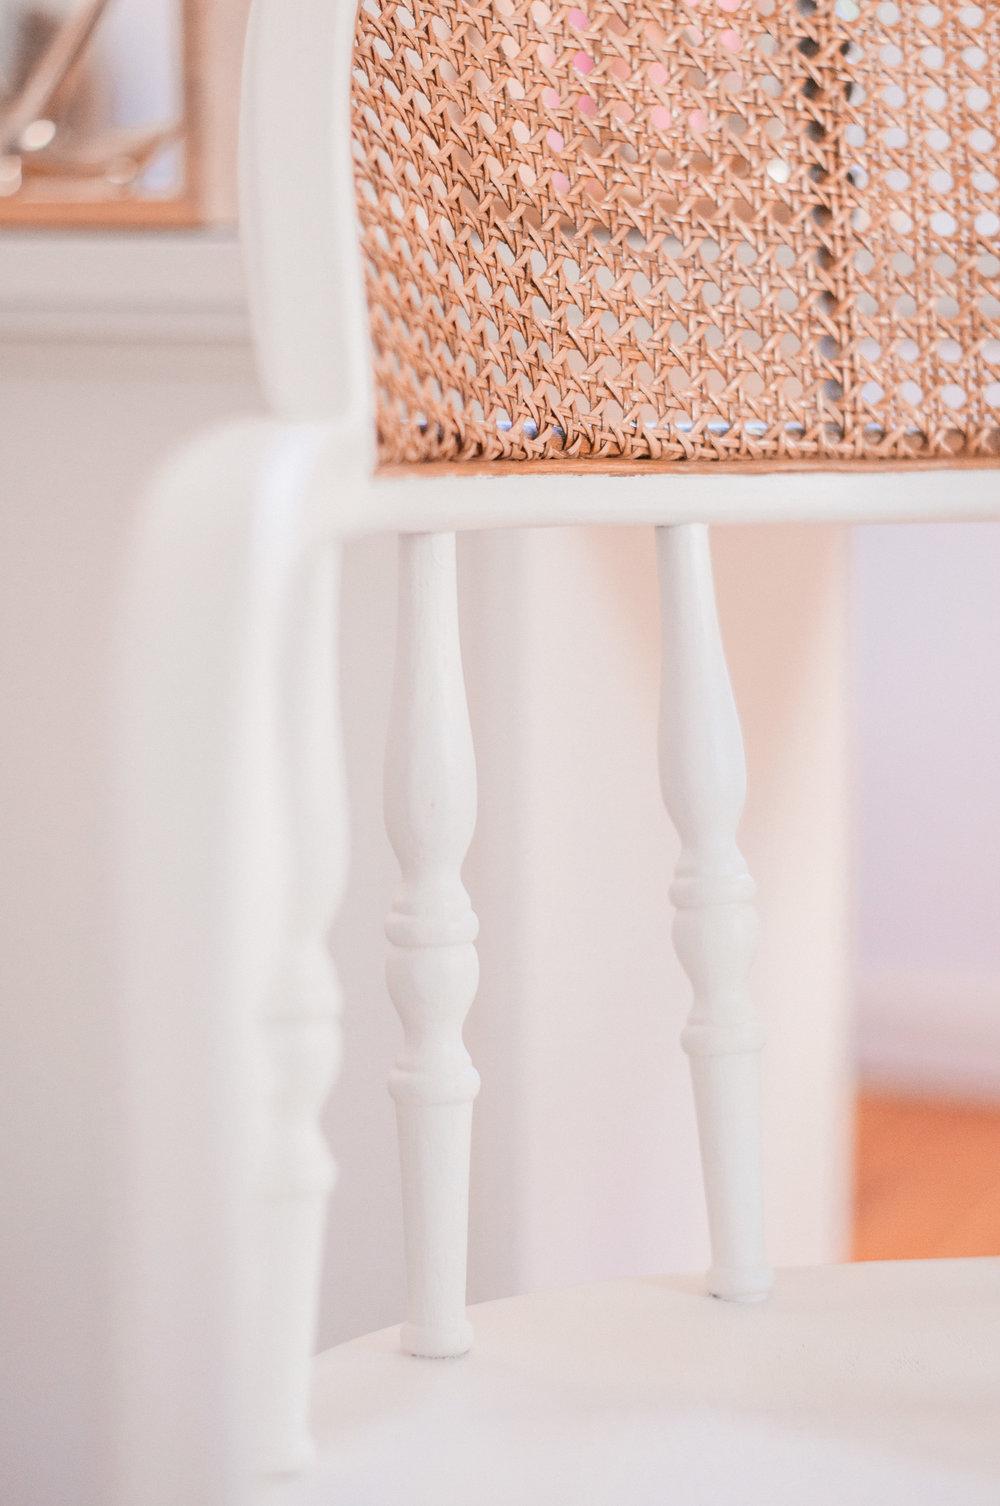 Painted White Farmhouse Cane Chair